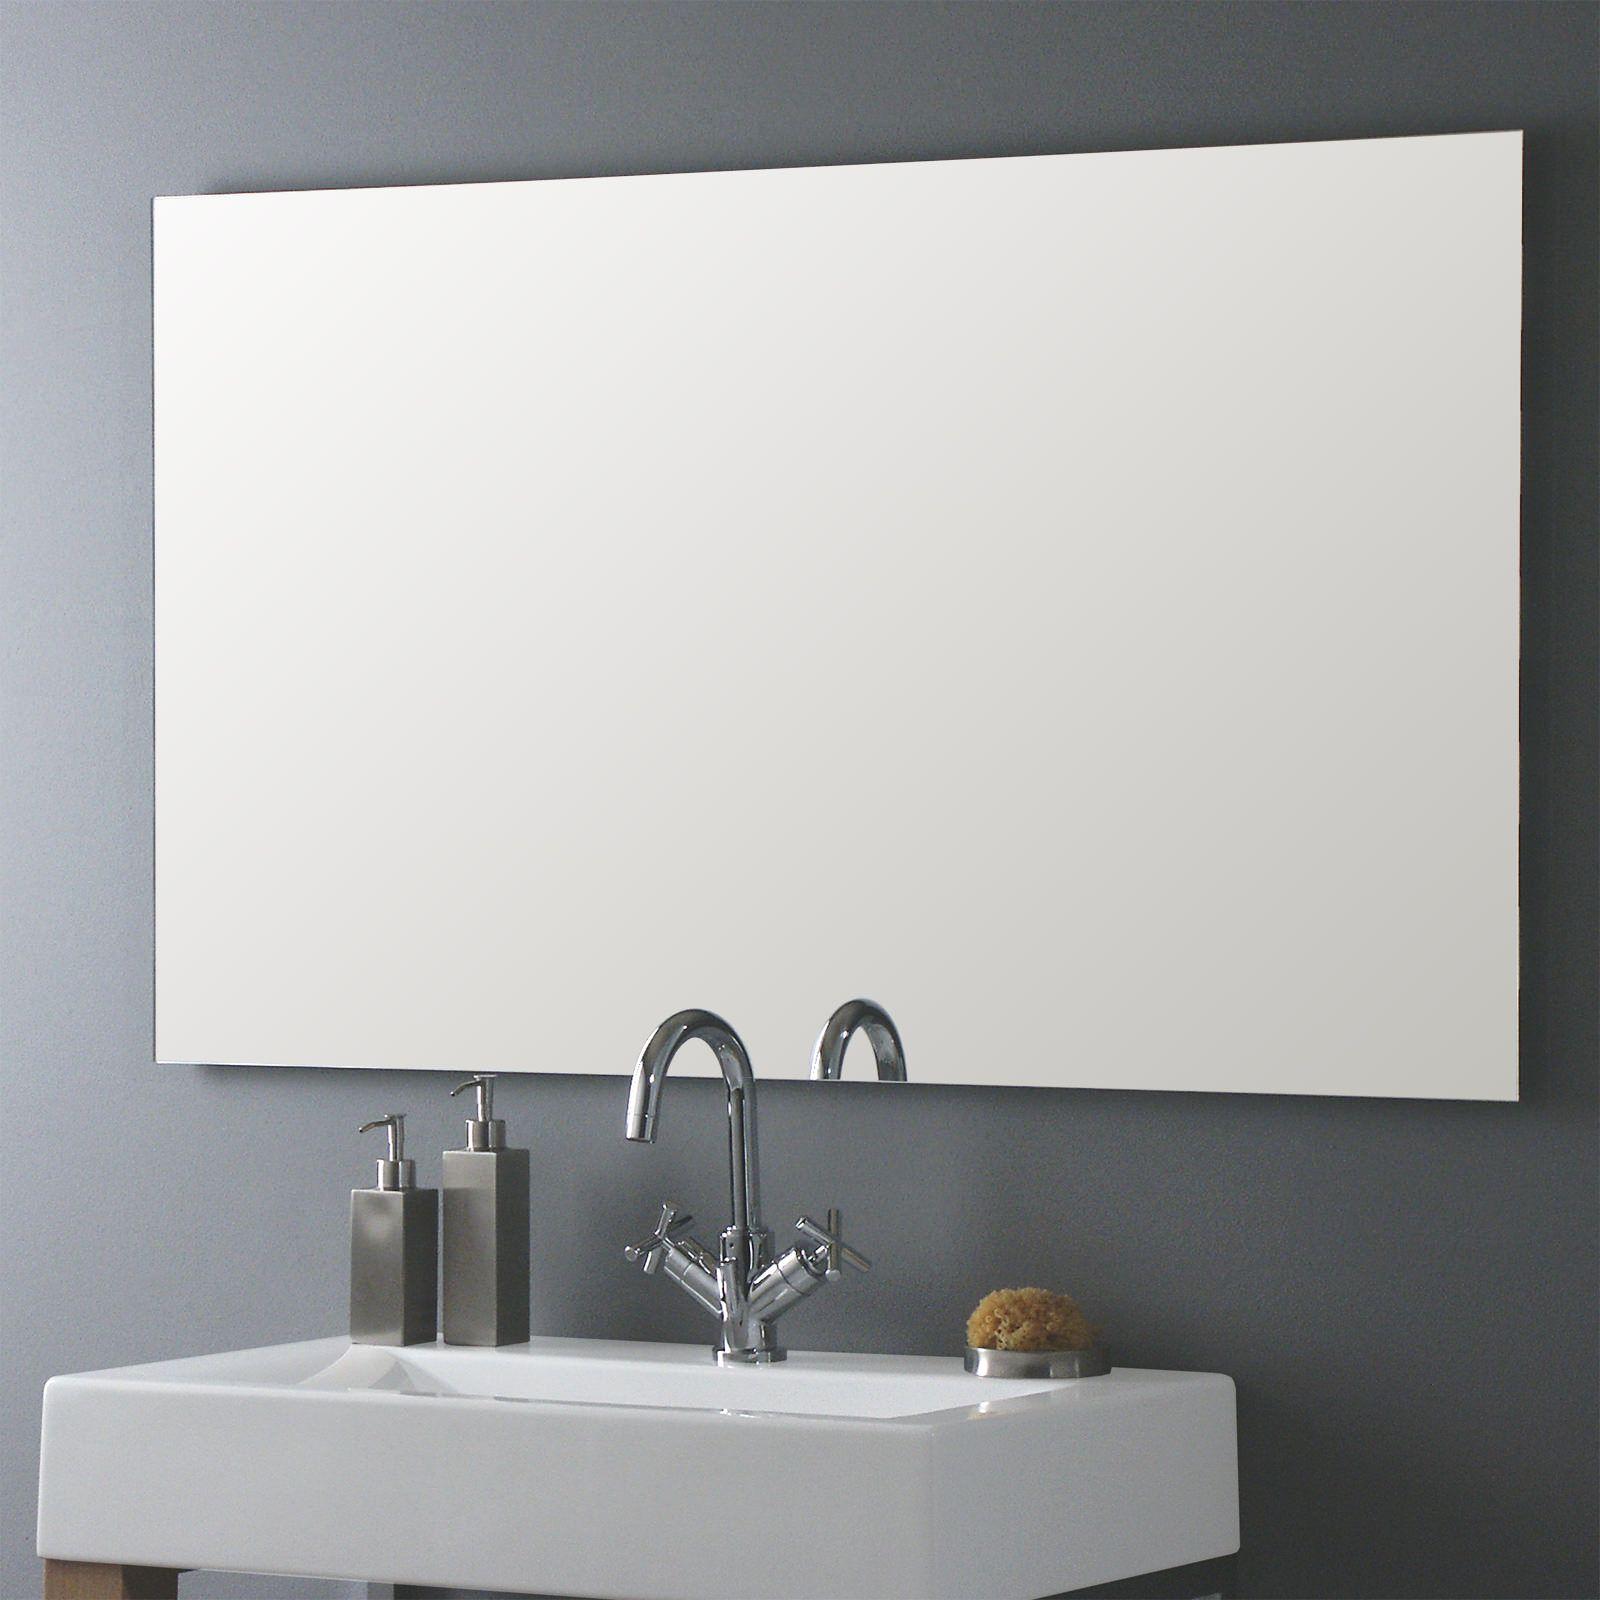 Badspiegel Basic Badezimmerspiegel Badspiegel Badspiegel Beleuchtet